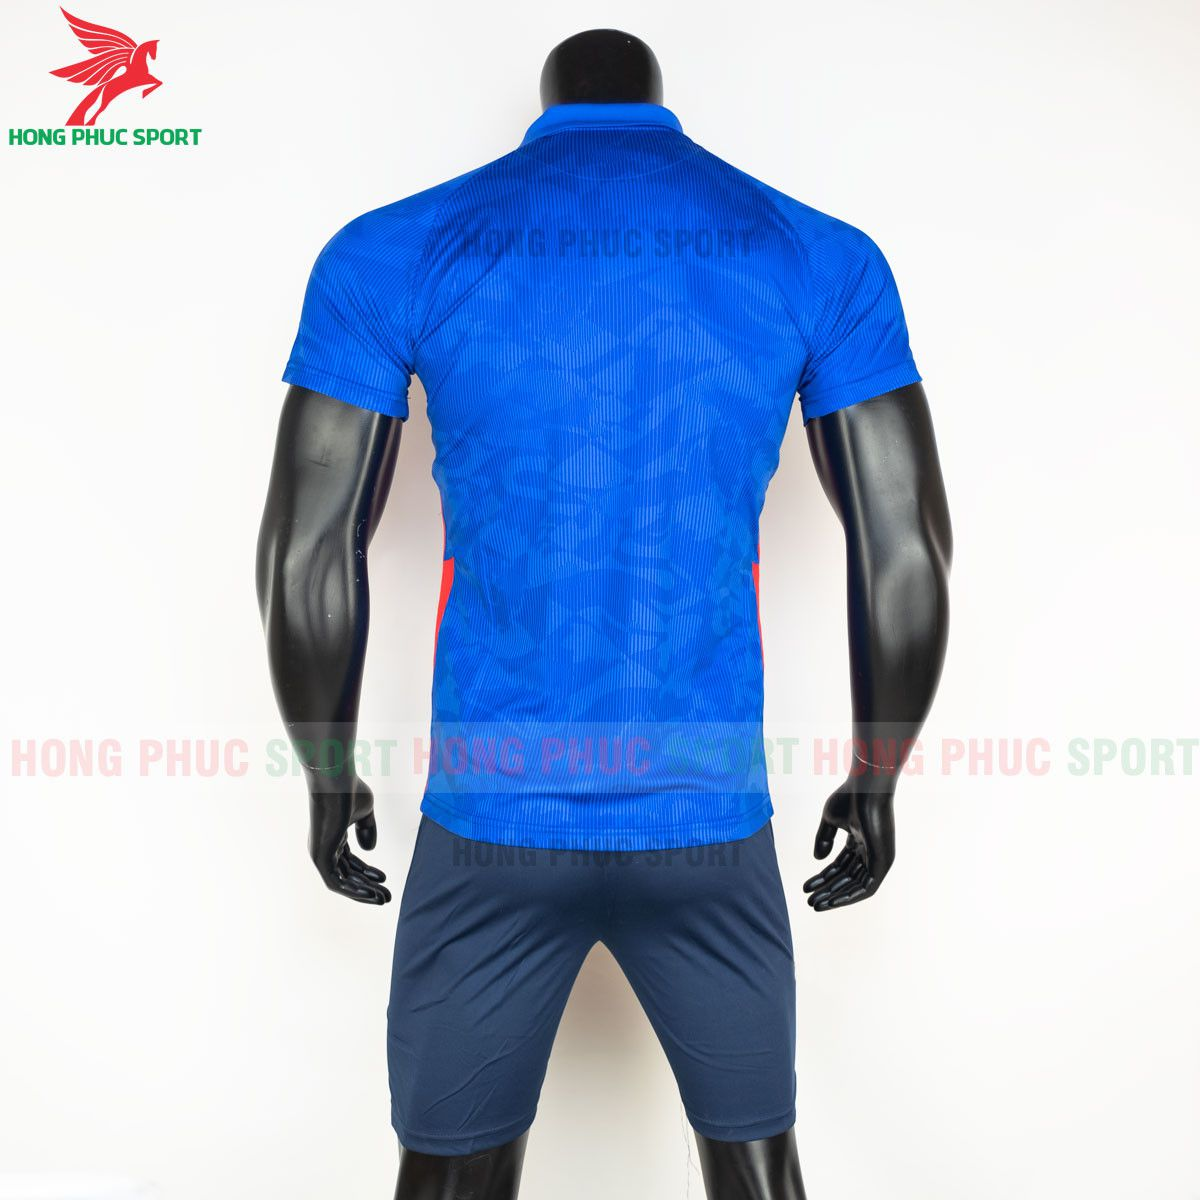 https://cdn.hongphucsport.com/unsafe/s4.shopbay.vn/files/285/ao-bong-da-tuyen-anh-2021-san-khach-hang-thai-8-60d2f98f41191.jpg